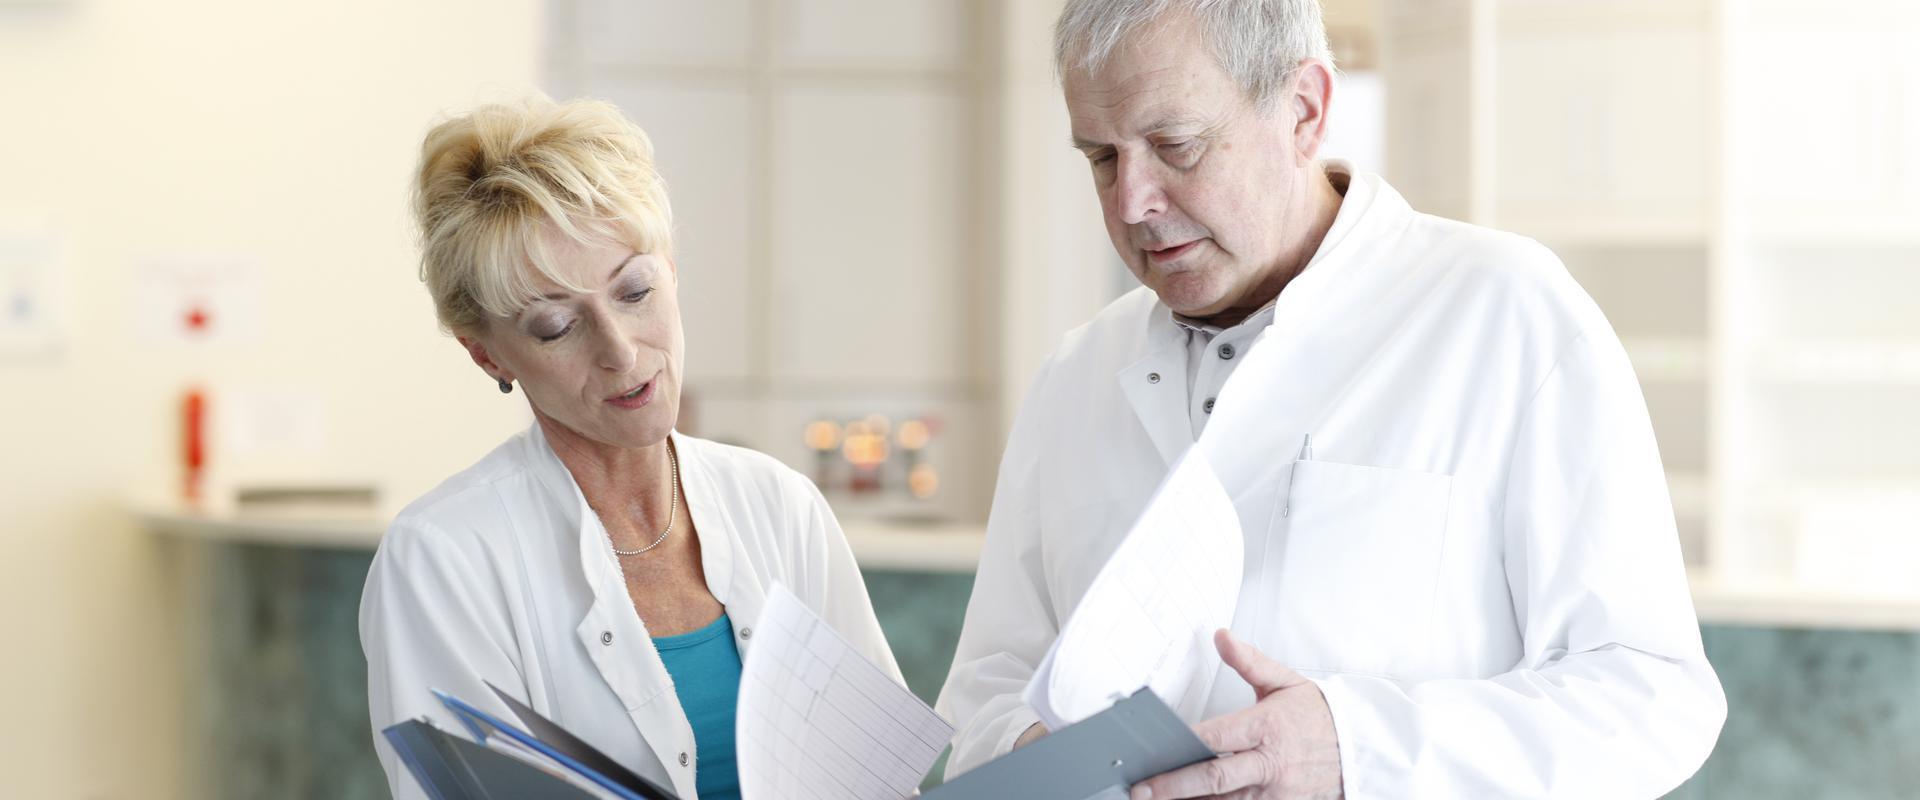 Ärzte studieren gemeinsam ihre Unterlagen in der MEDIAN Klinik Schweriner See